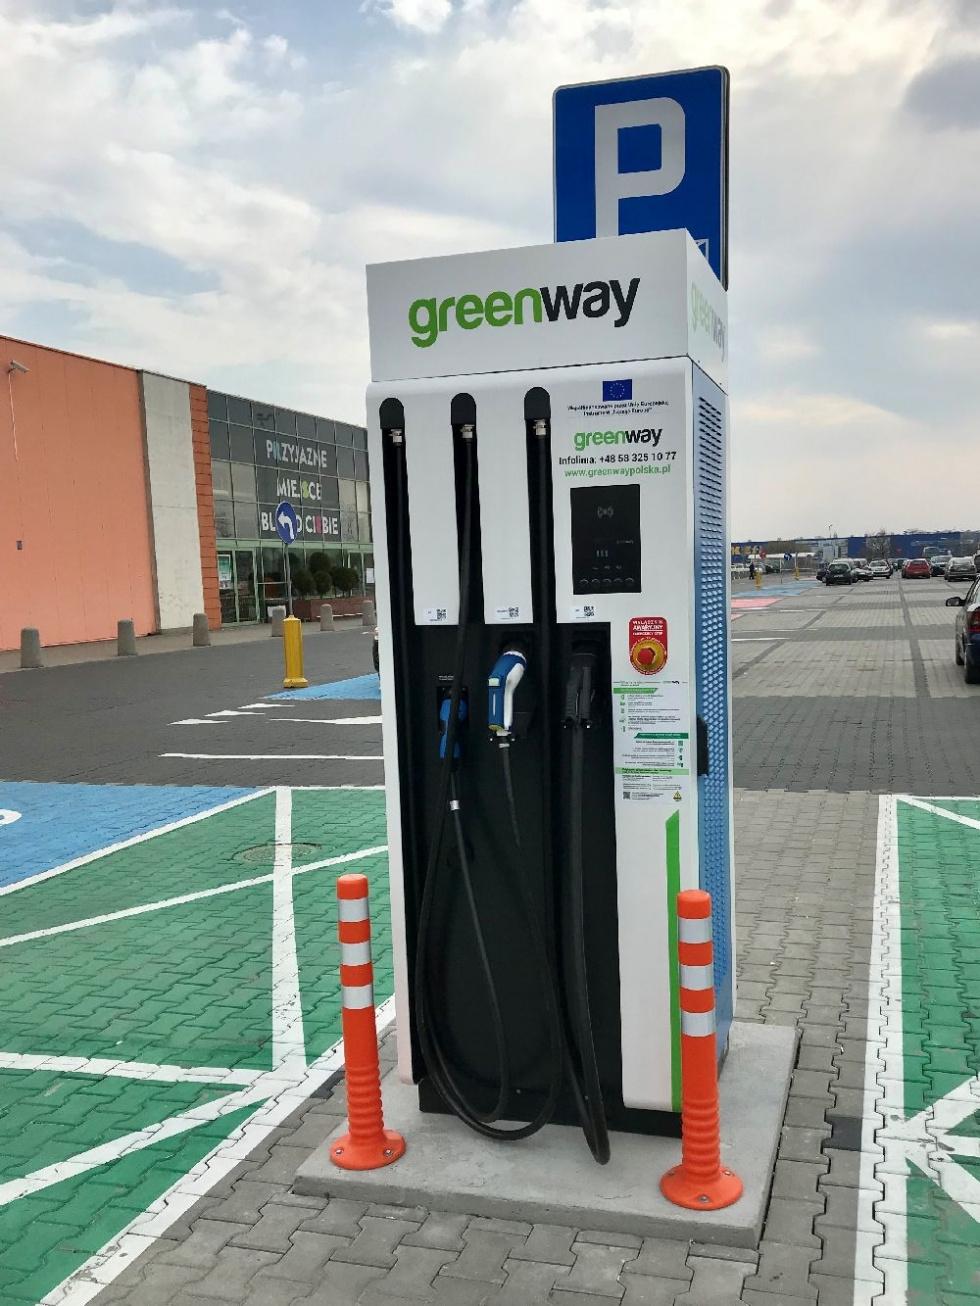 Coraz więcej ładowarek elektrycznych dla samochodów w Bydgoszczy